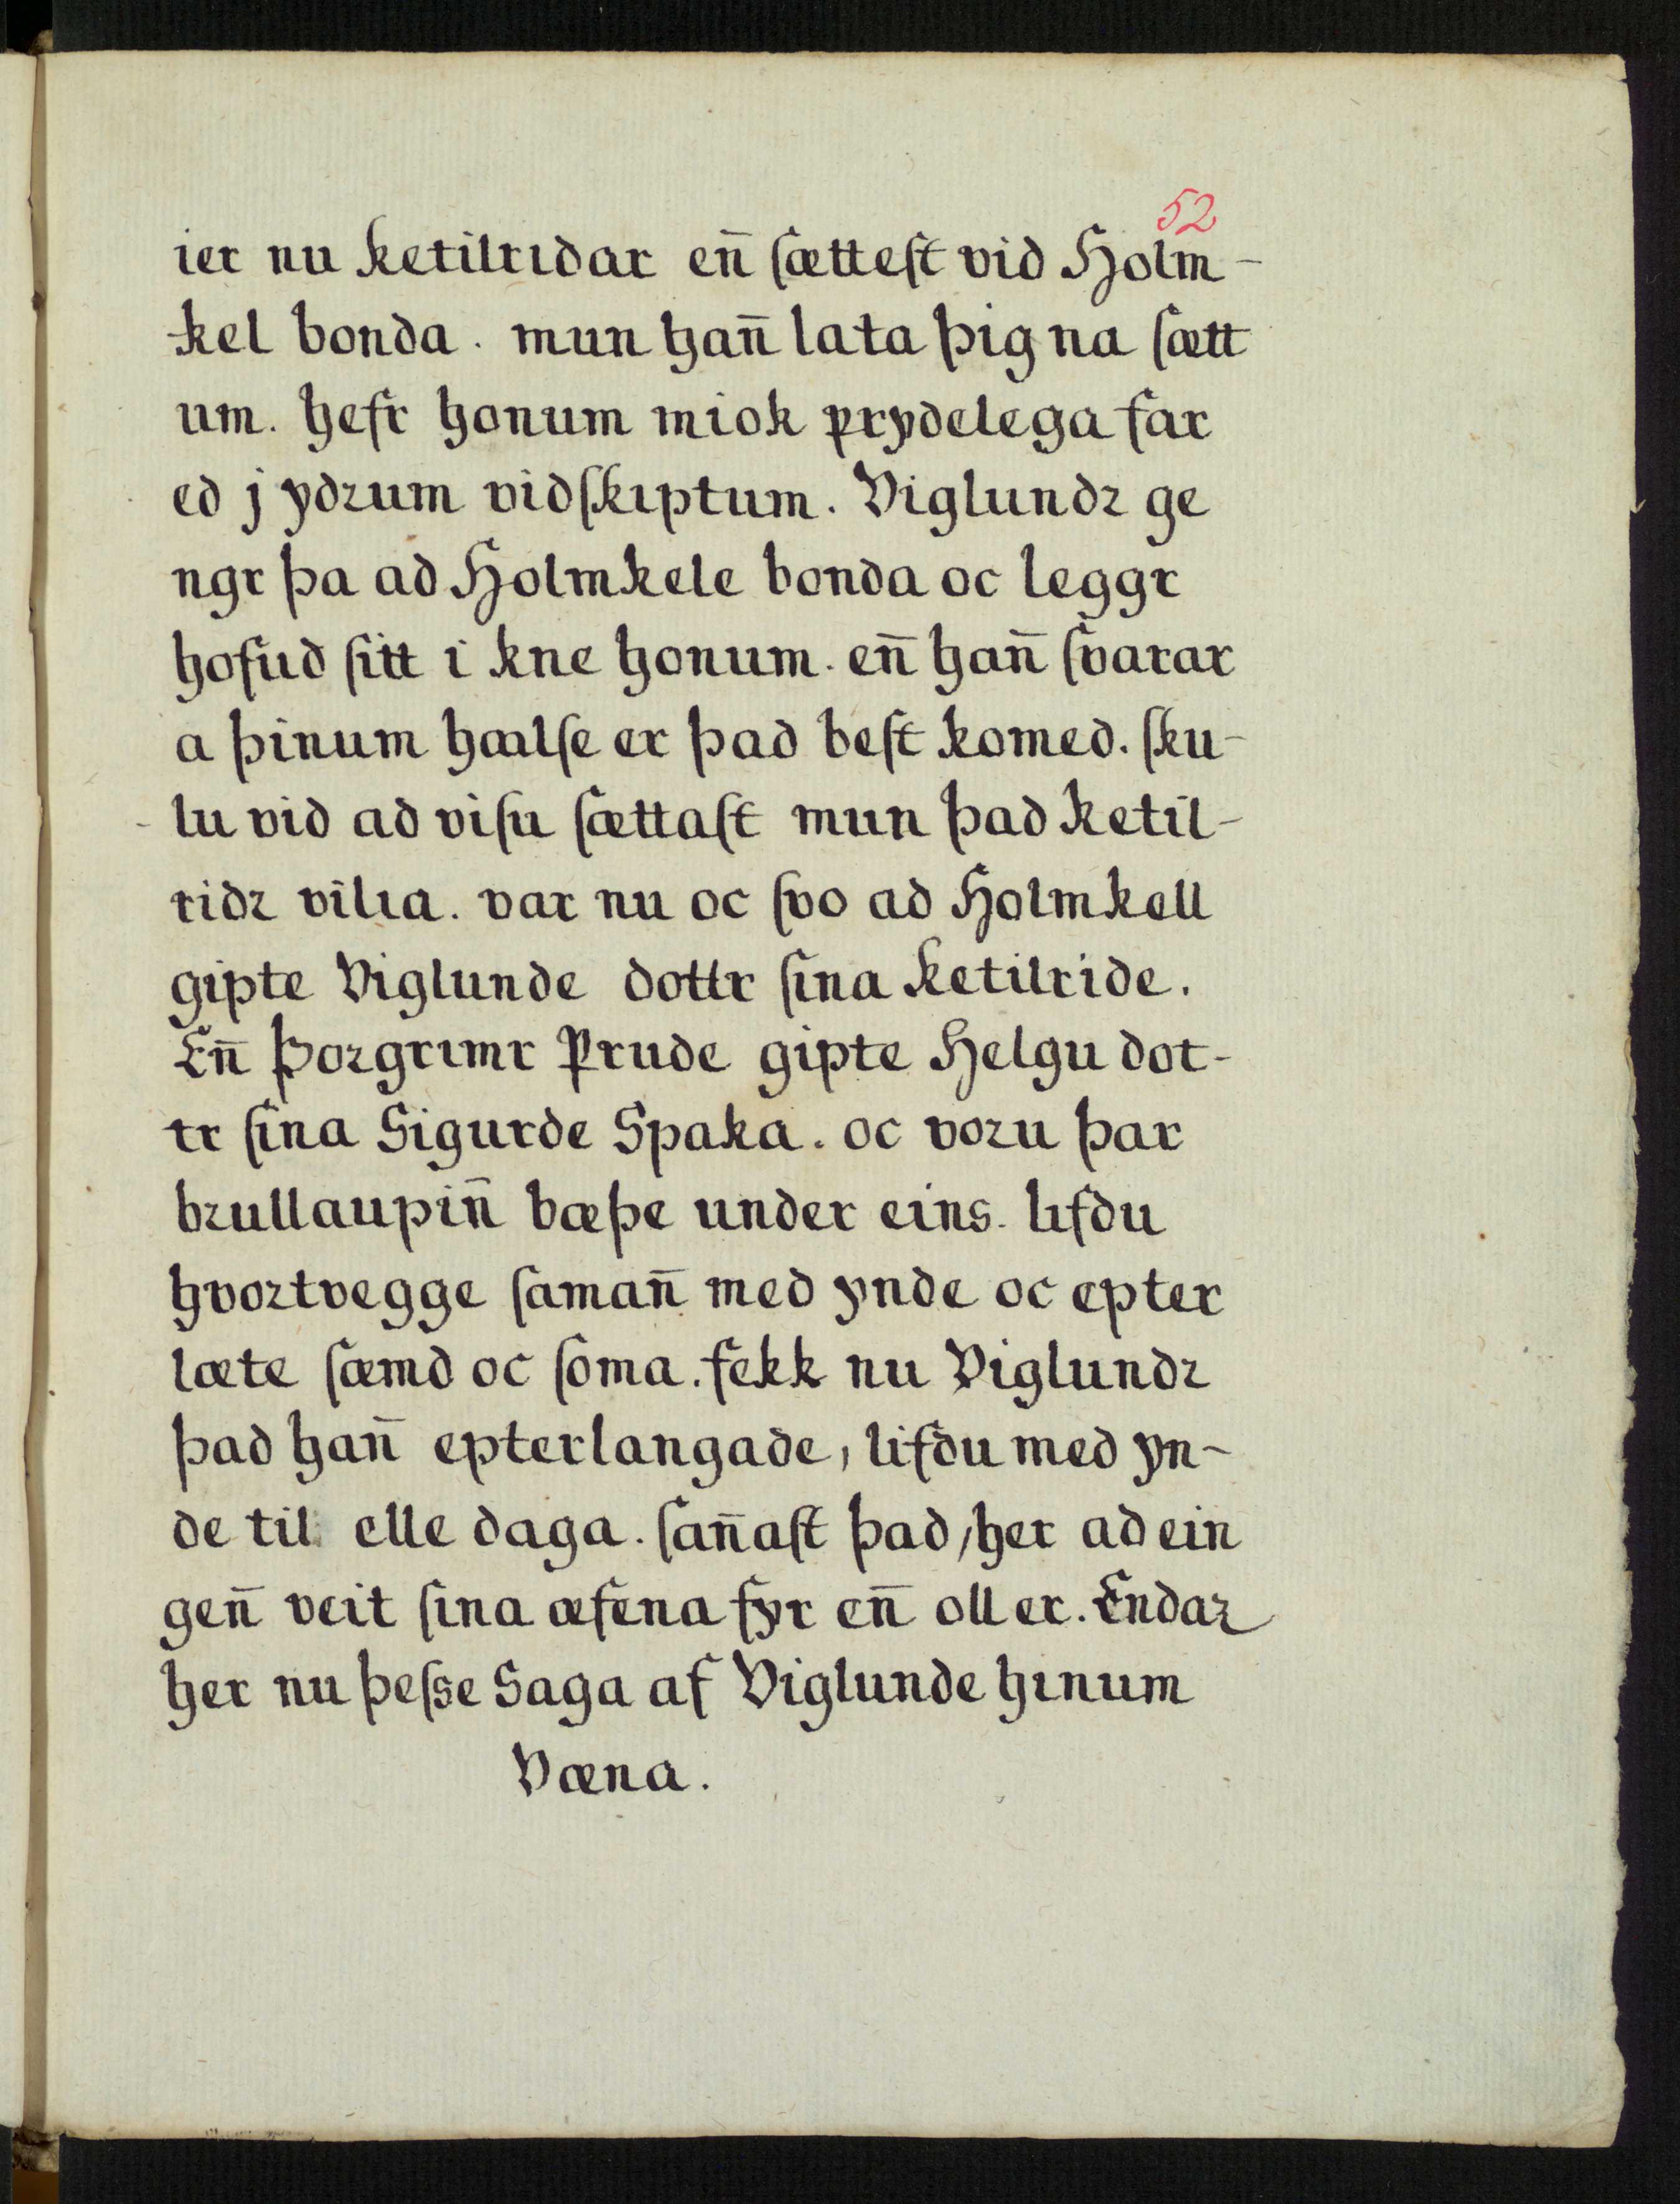 AM 553 d 4° - 52r